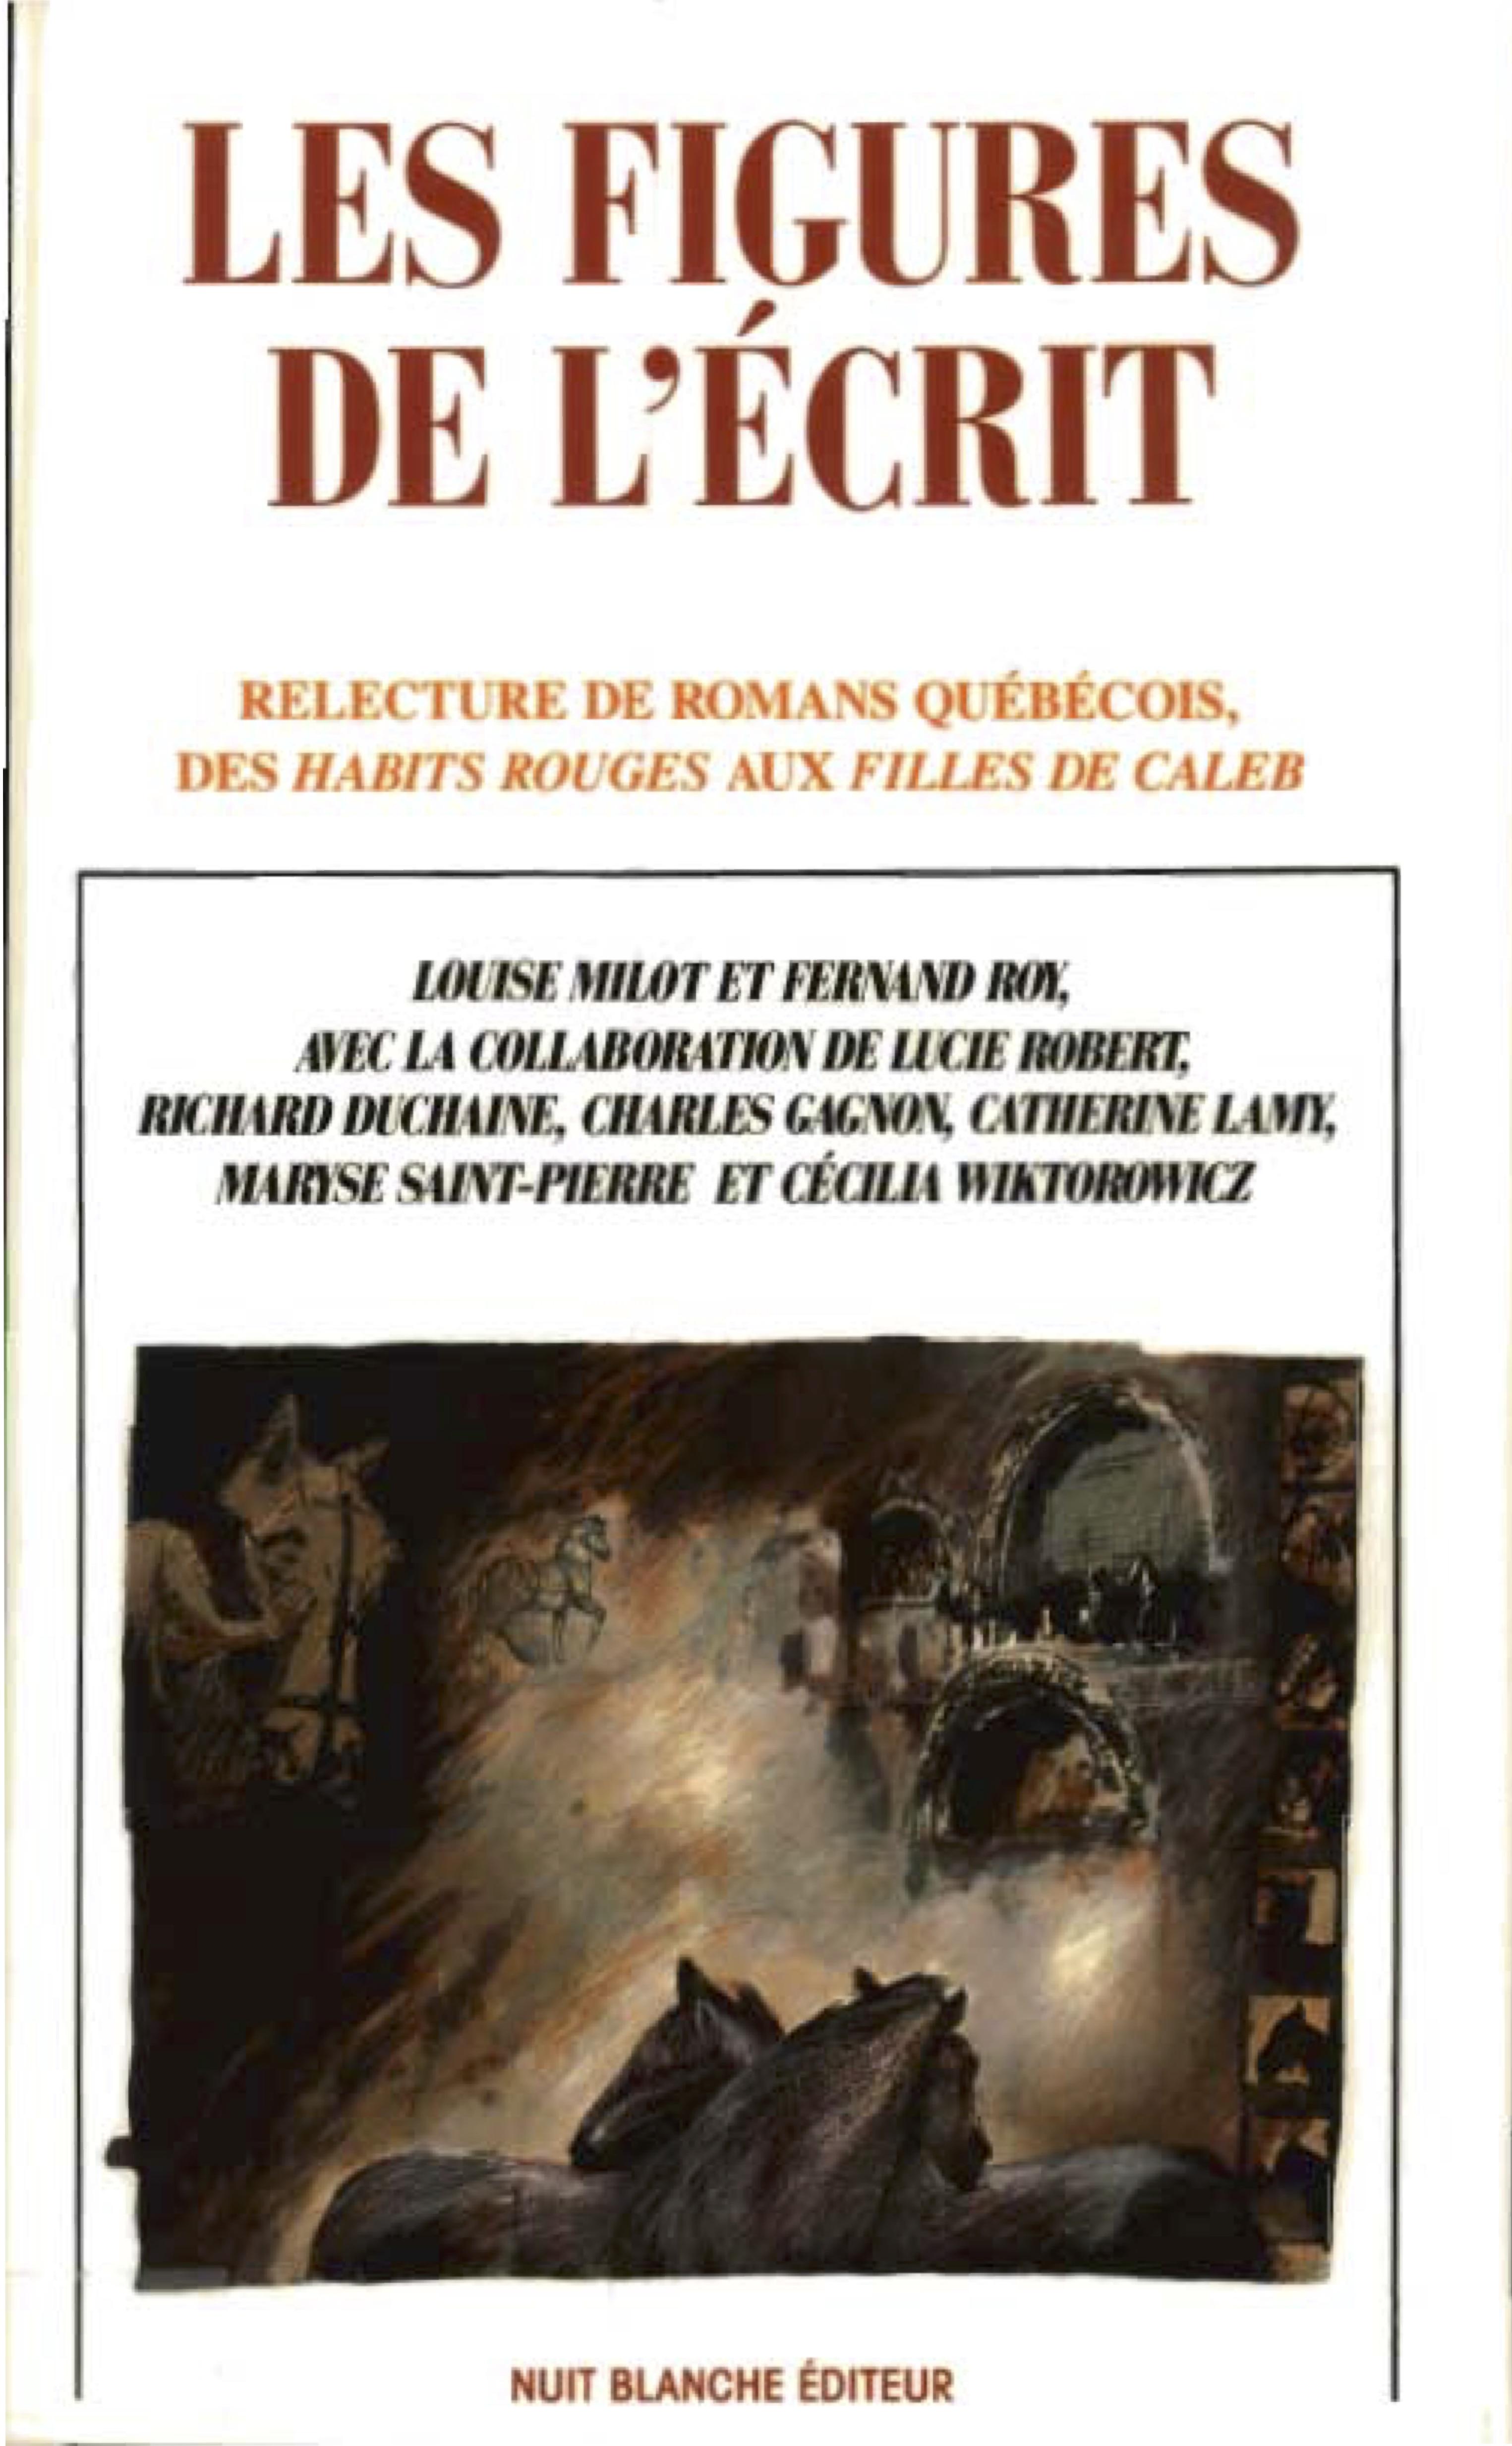 Page couverture de la publication